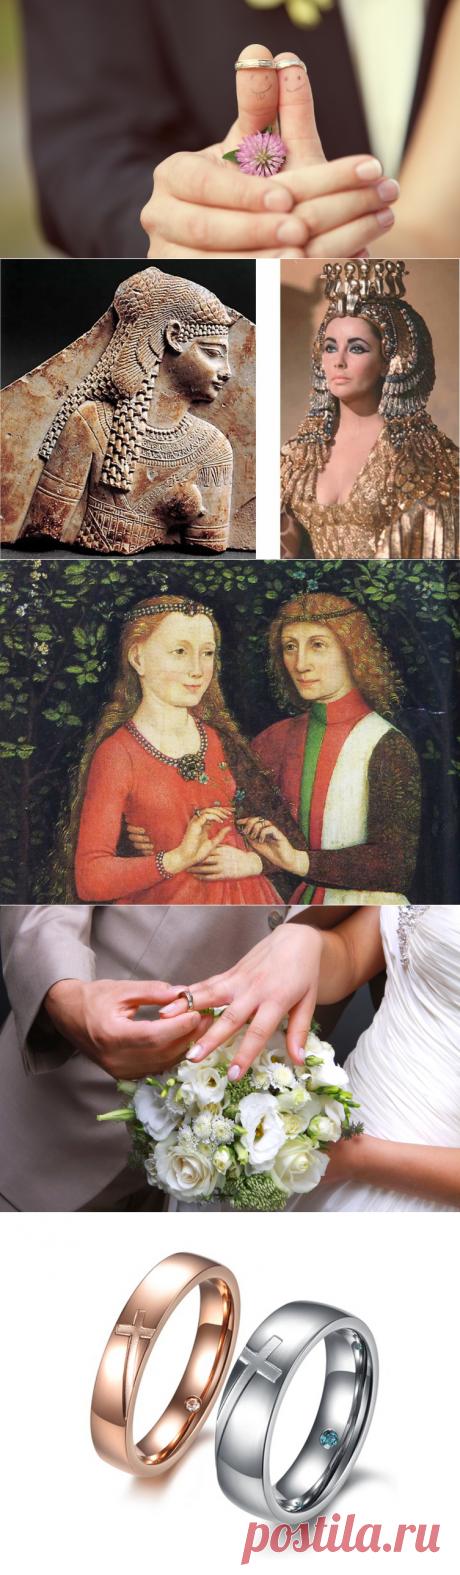 Что таит в себе свадебное кольцо?   Культура